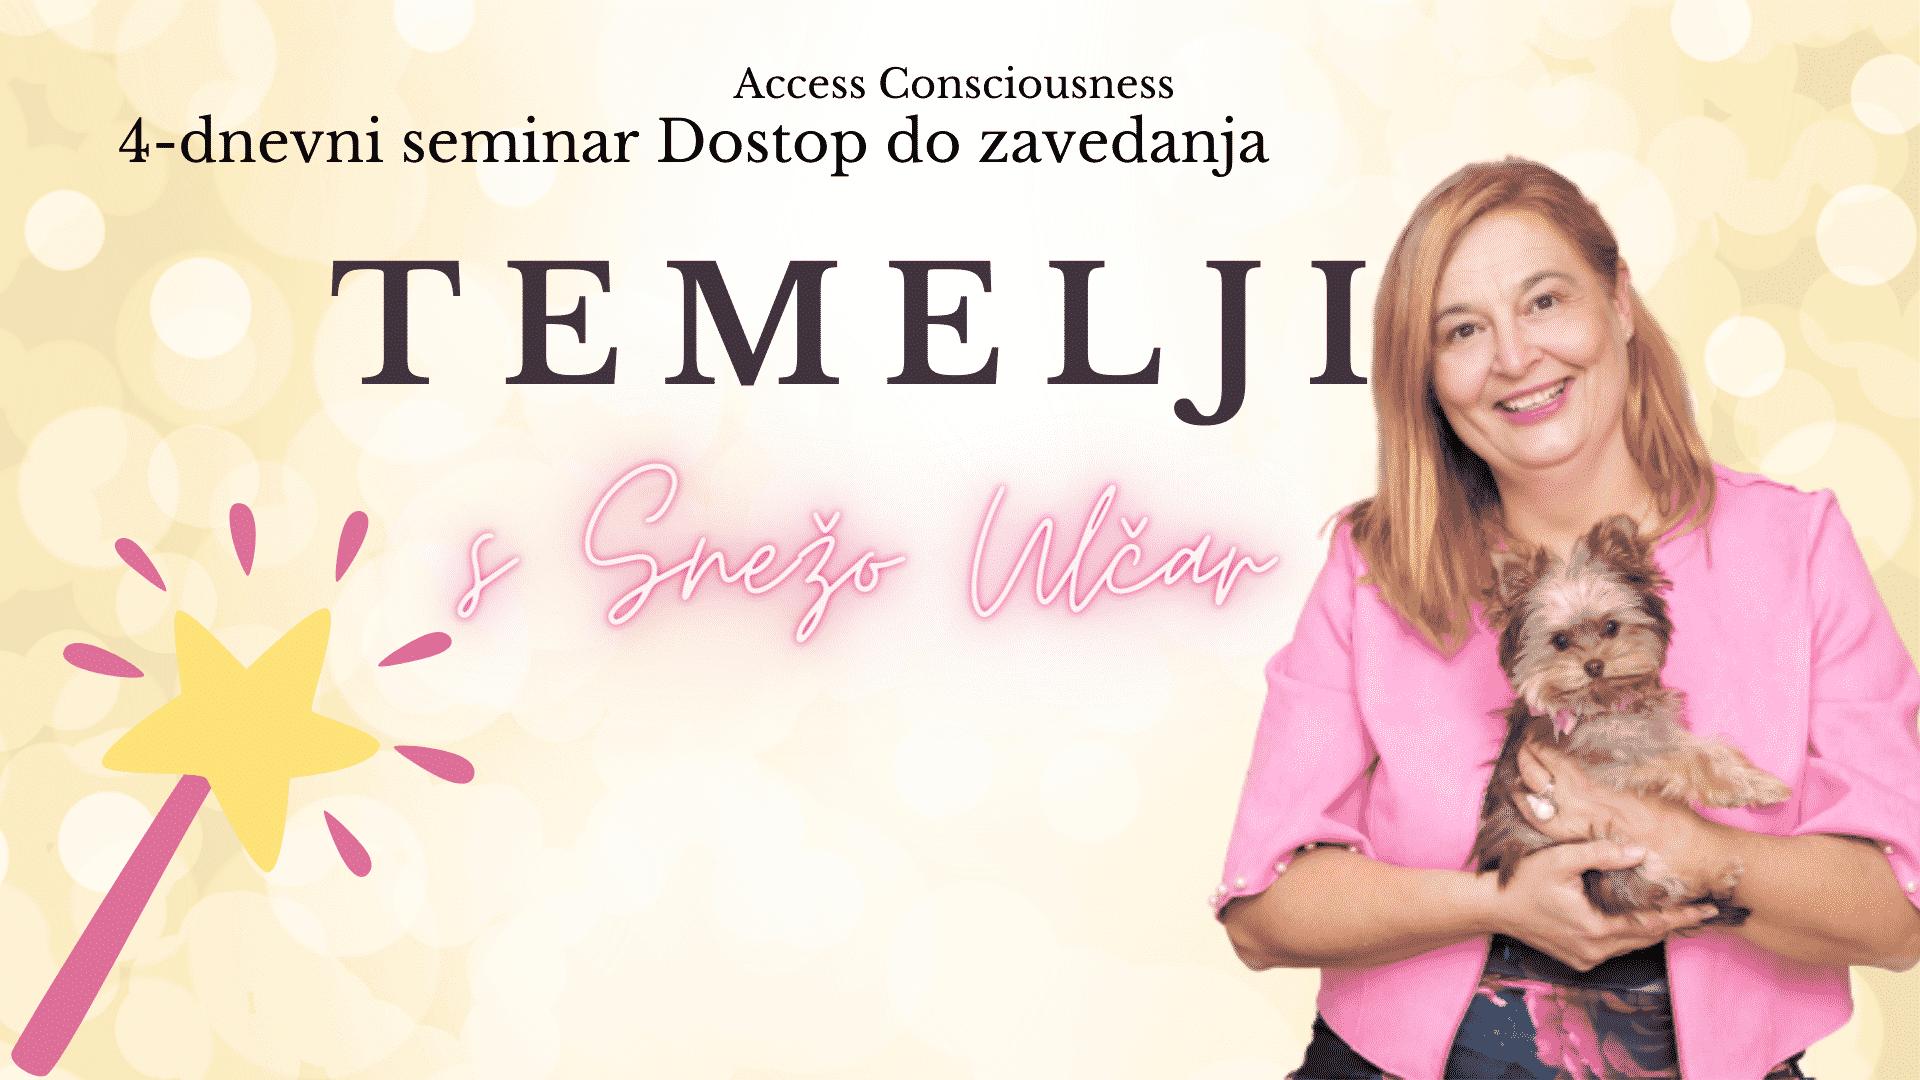 Seminar TEMELJI s Snežo Ulčar, dr.med.